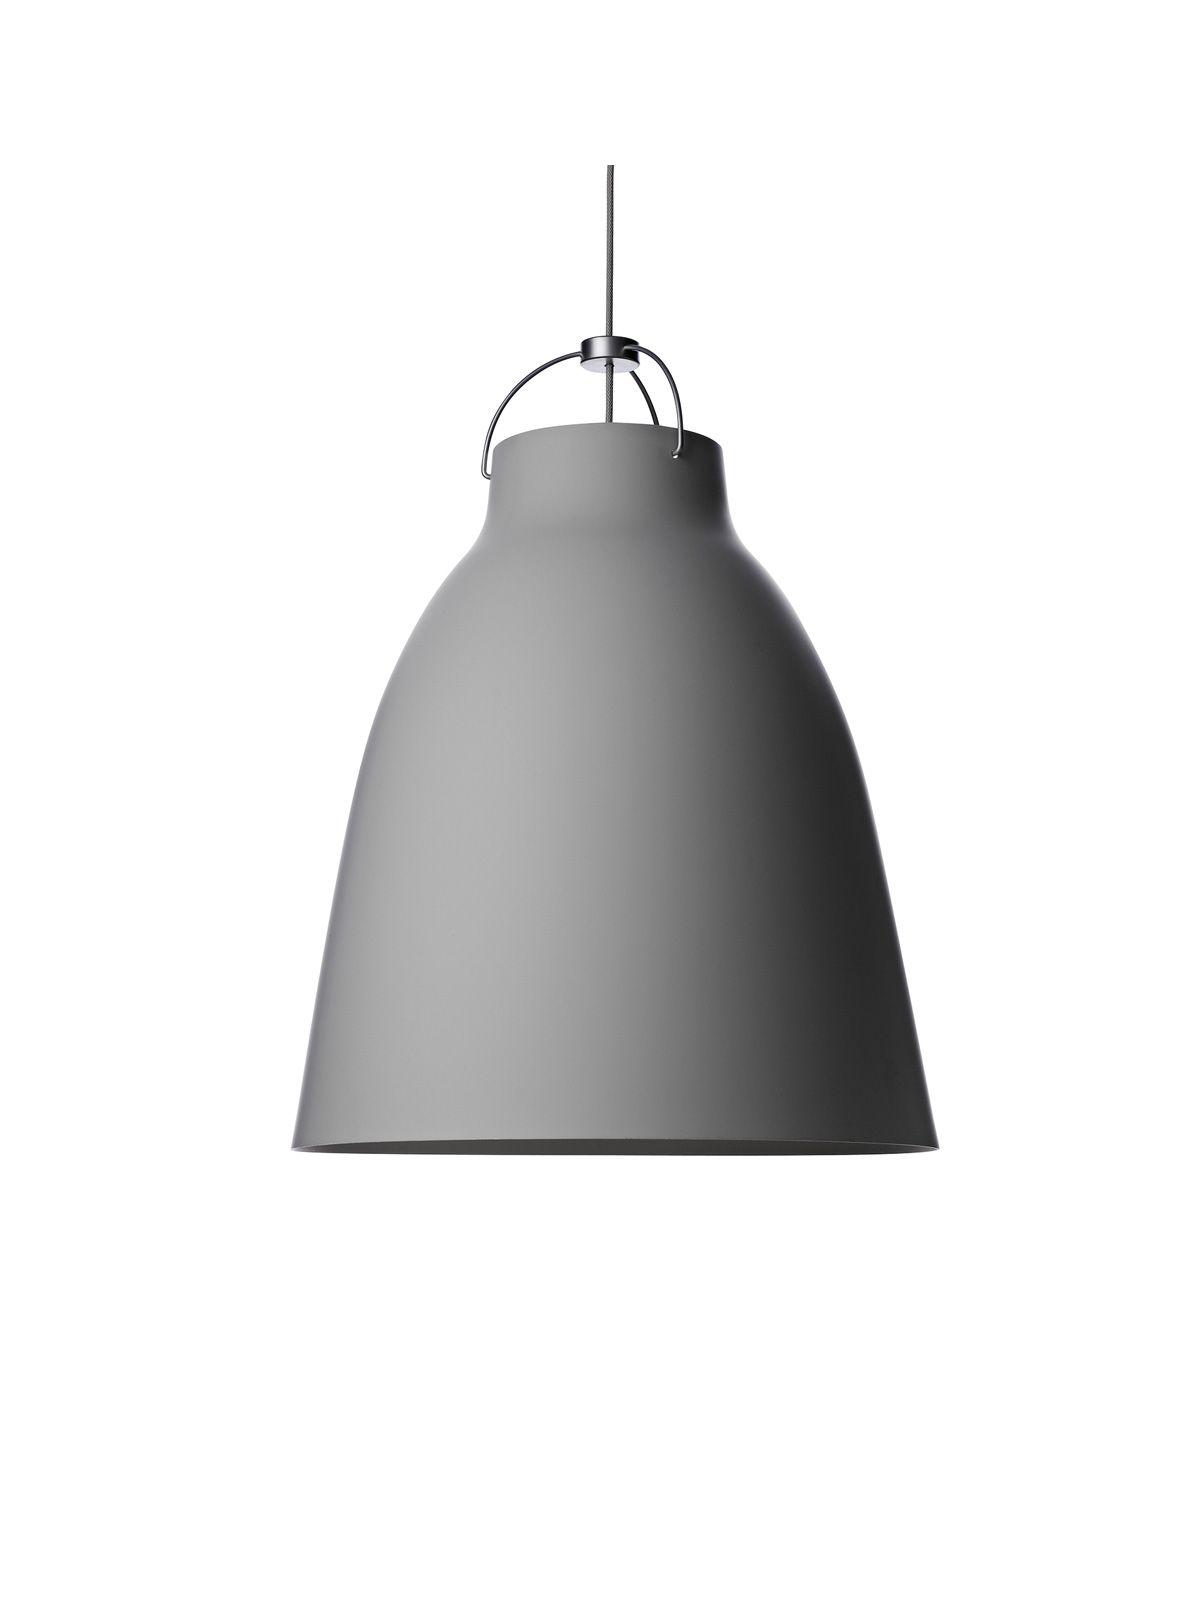 Cool CARAVAGGIO Grau Matt lamp leuchte scandinavian skandinavisch design